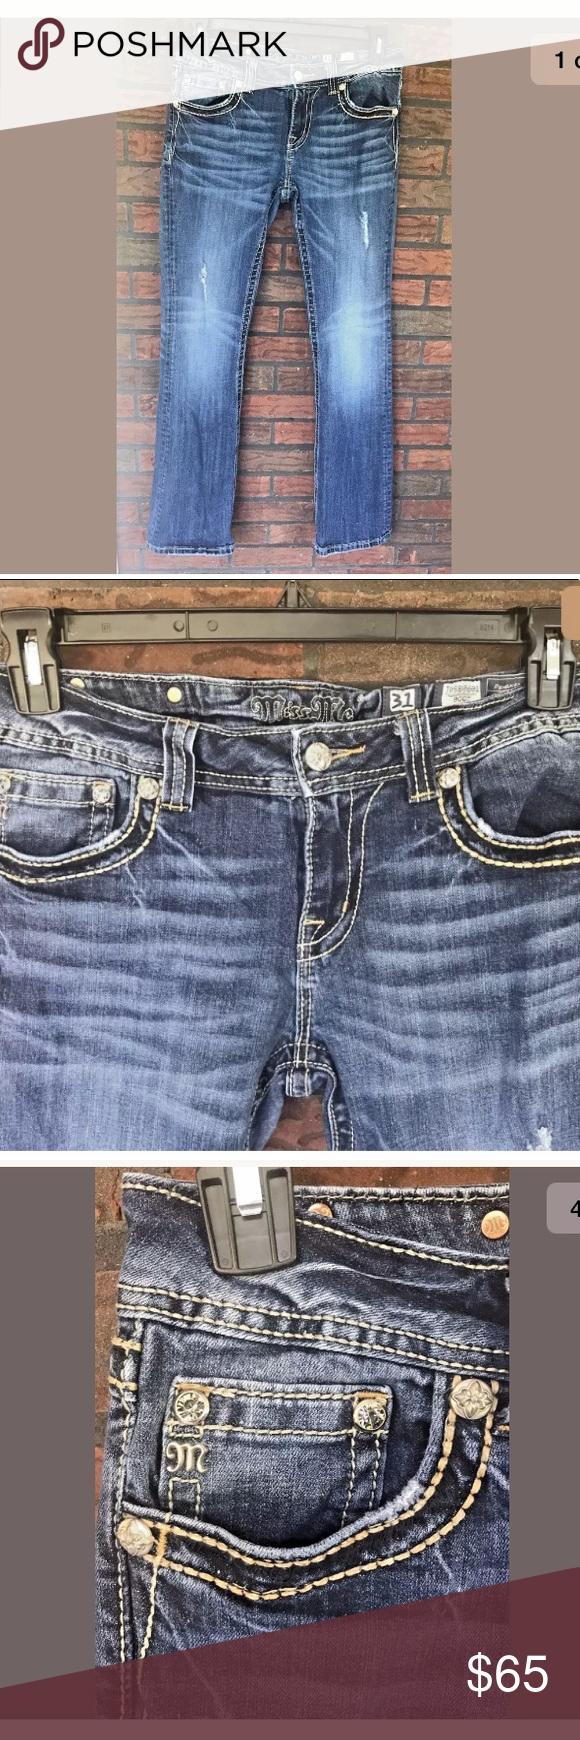 Miss Me Jeans Size 31 Erkalnathandedecker